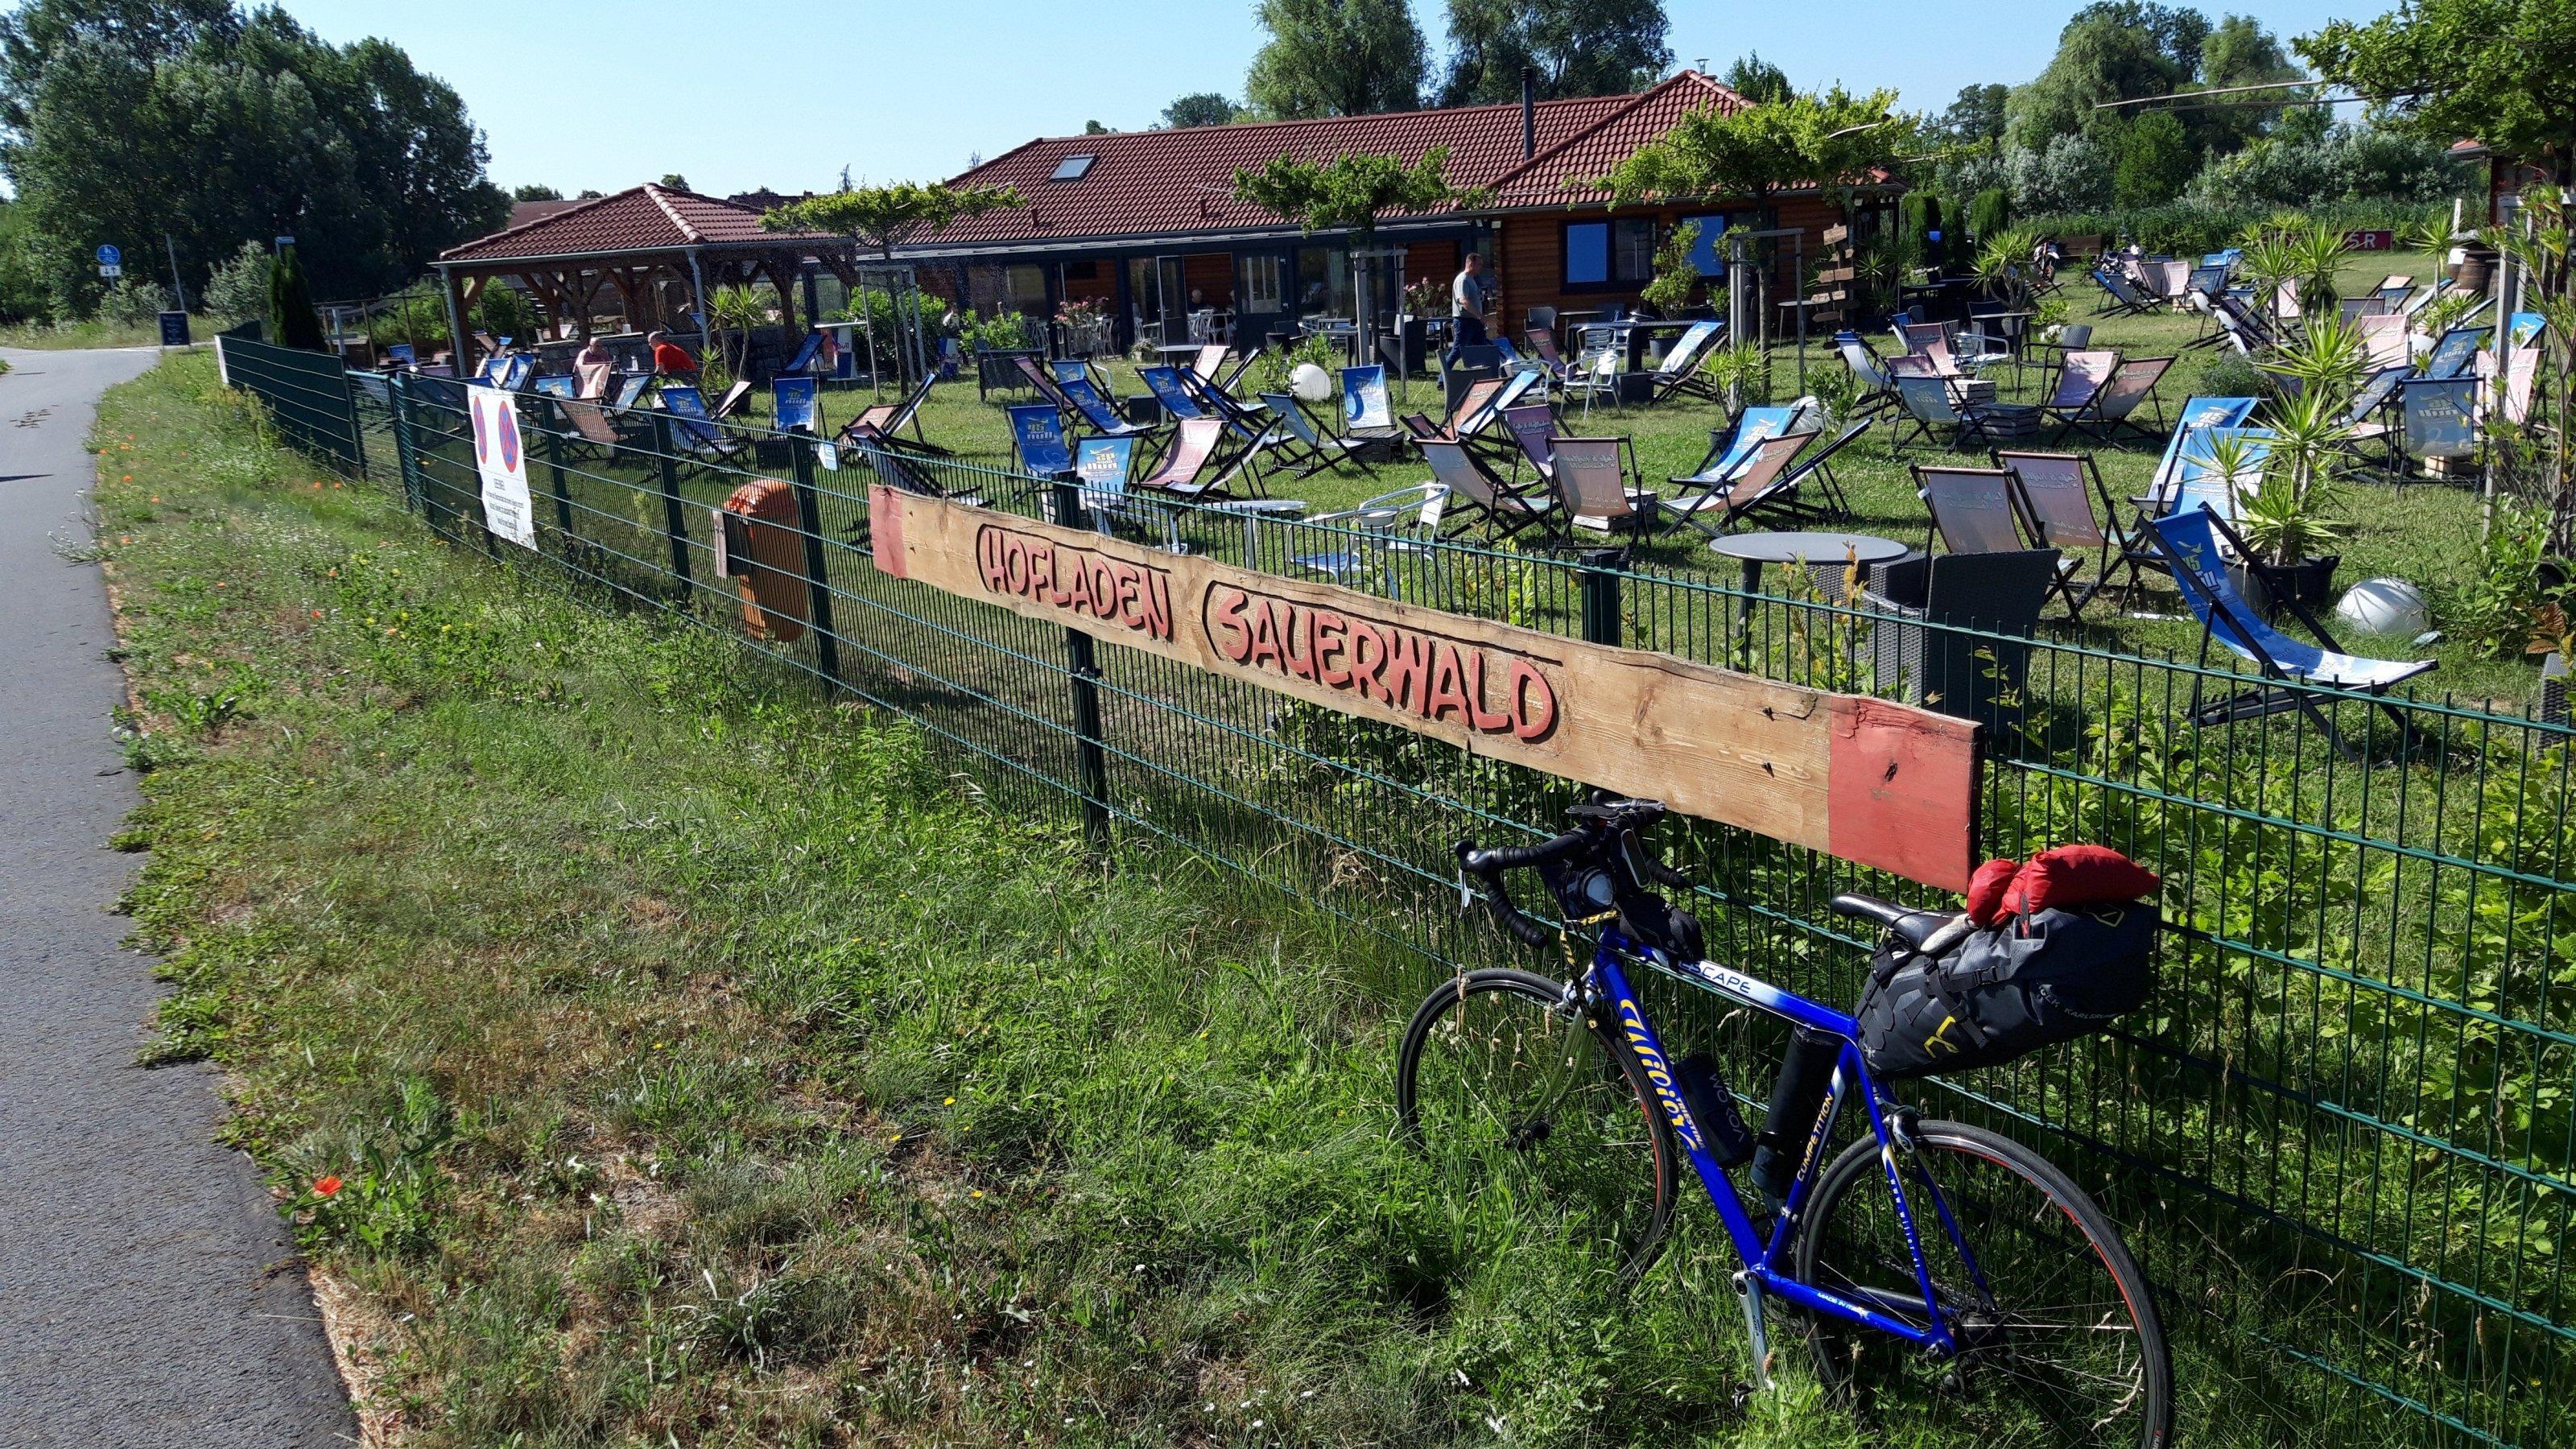 Das Rad des RadelndenReporters lehnt am Zaun, hinter dem sich Liegestühle auf einer Wiese verteilen.